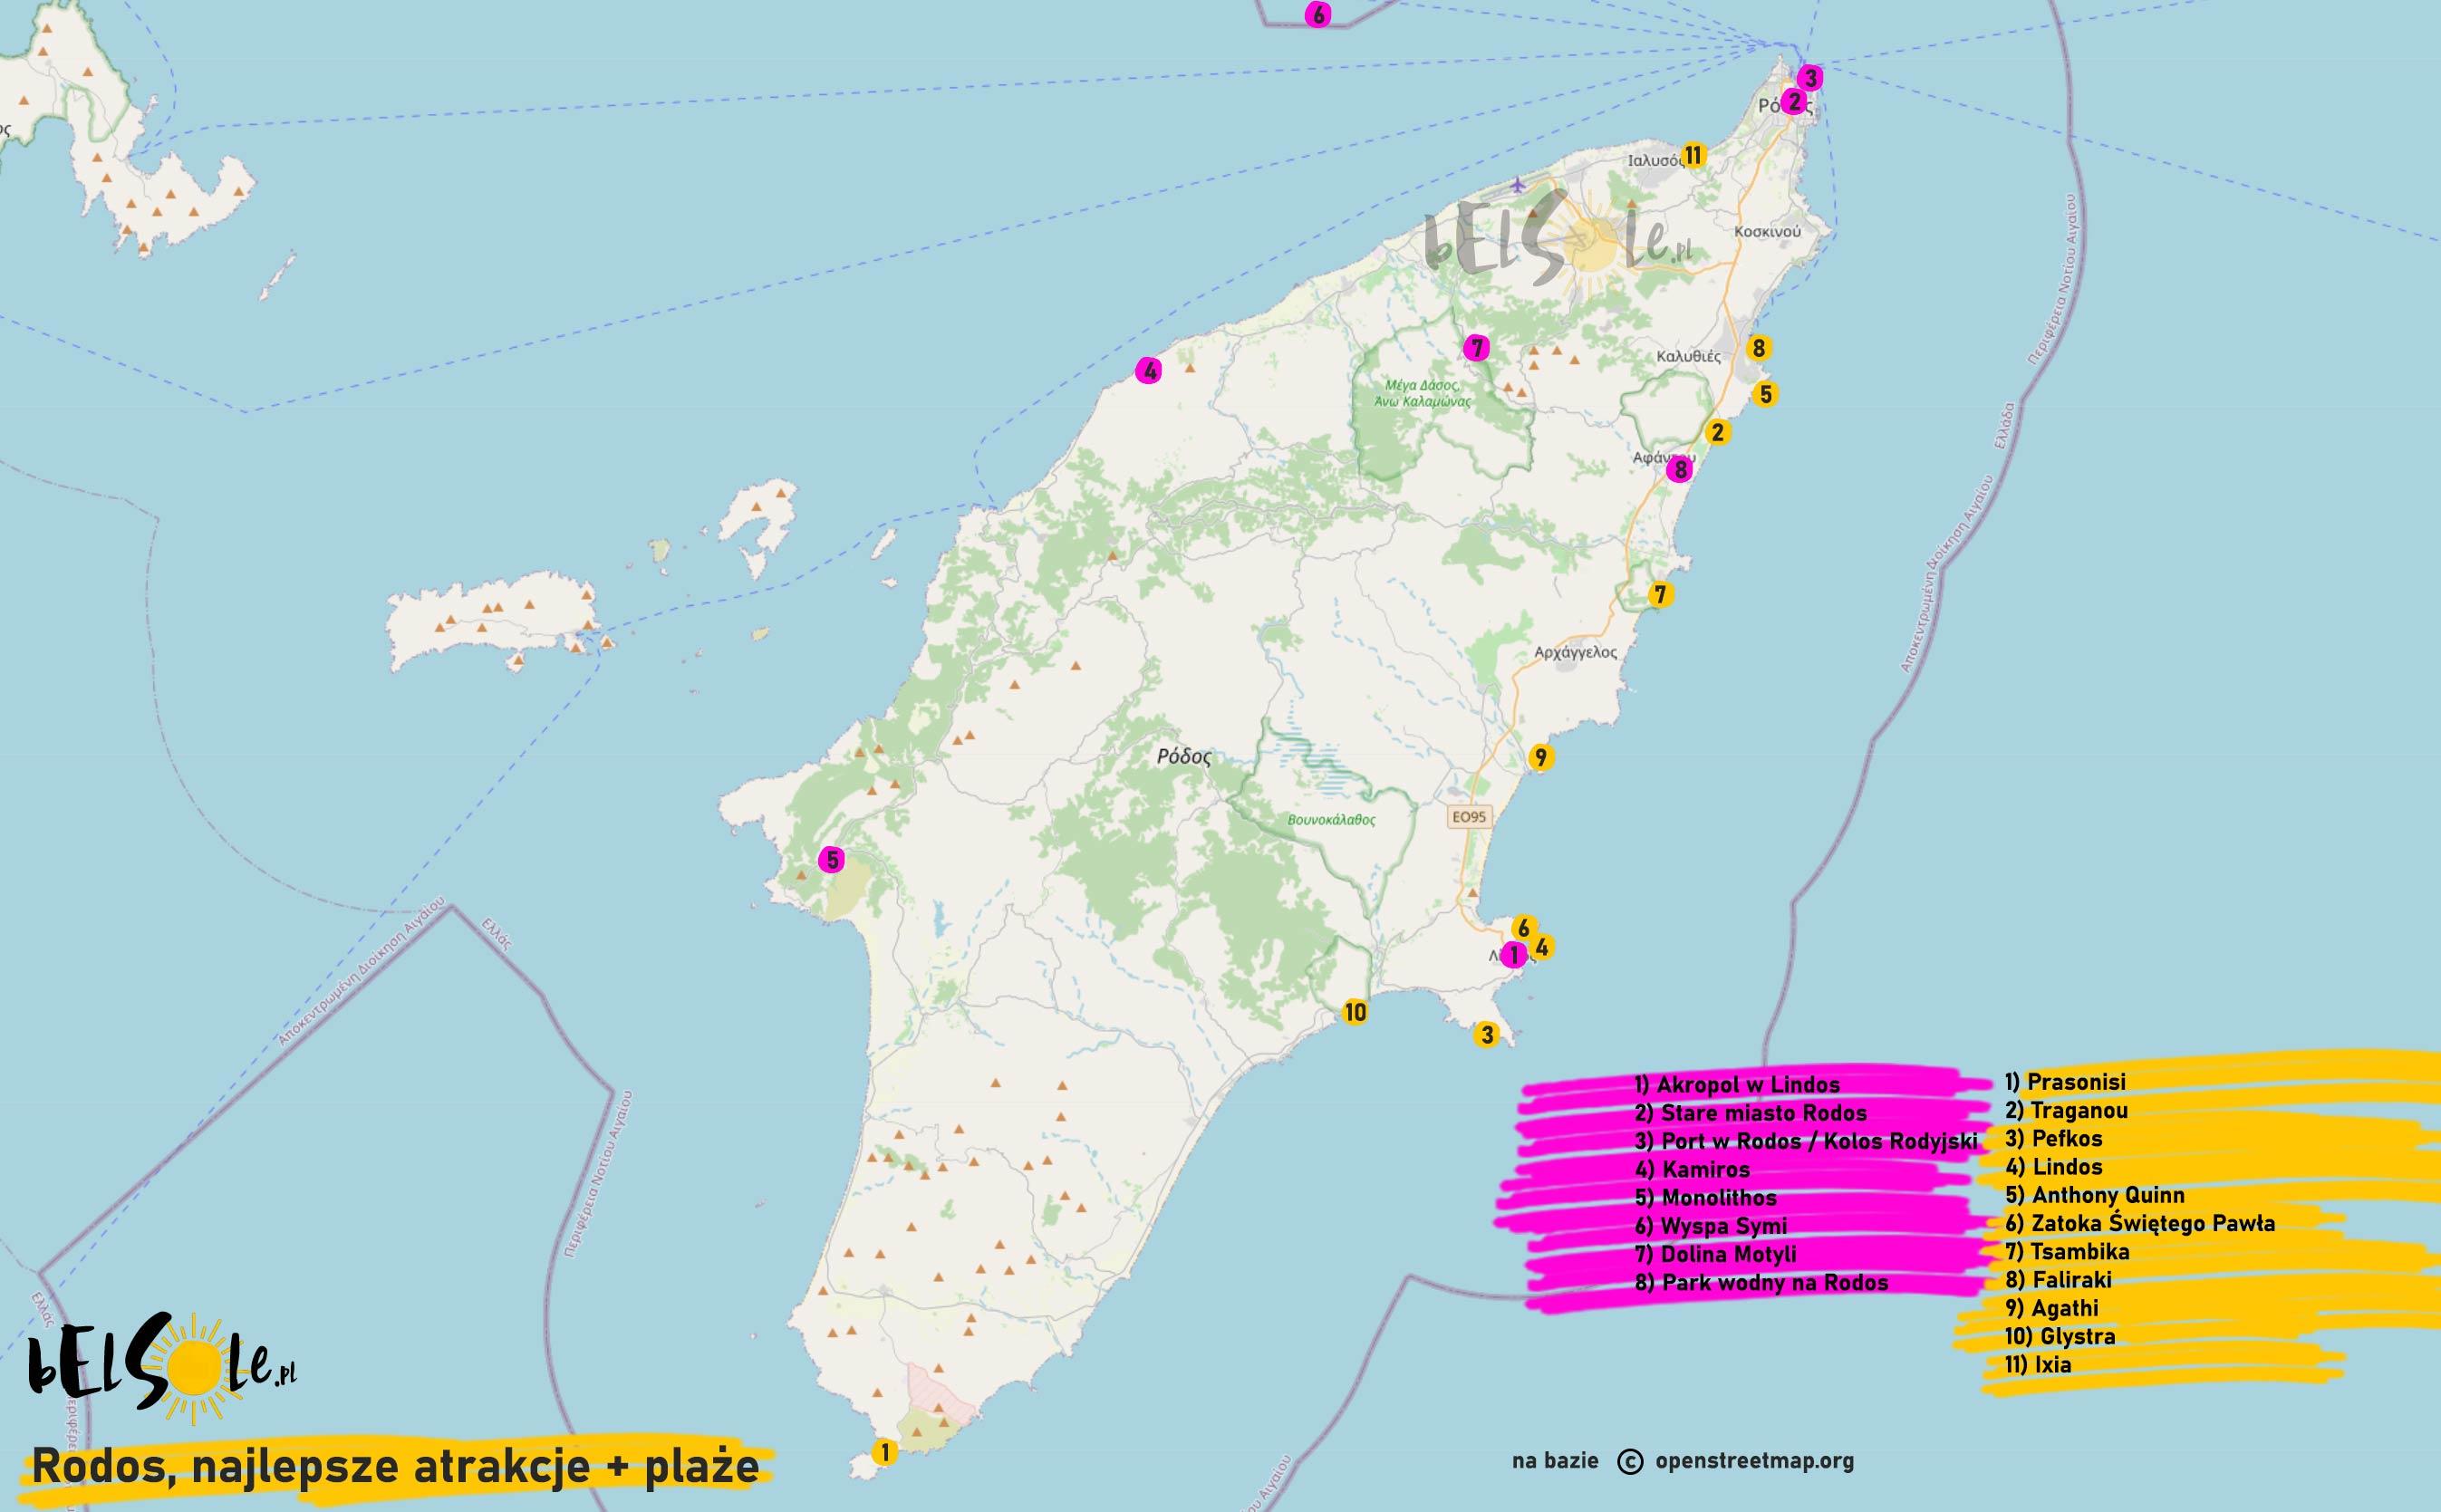 atrakcje Rodos mapa